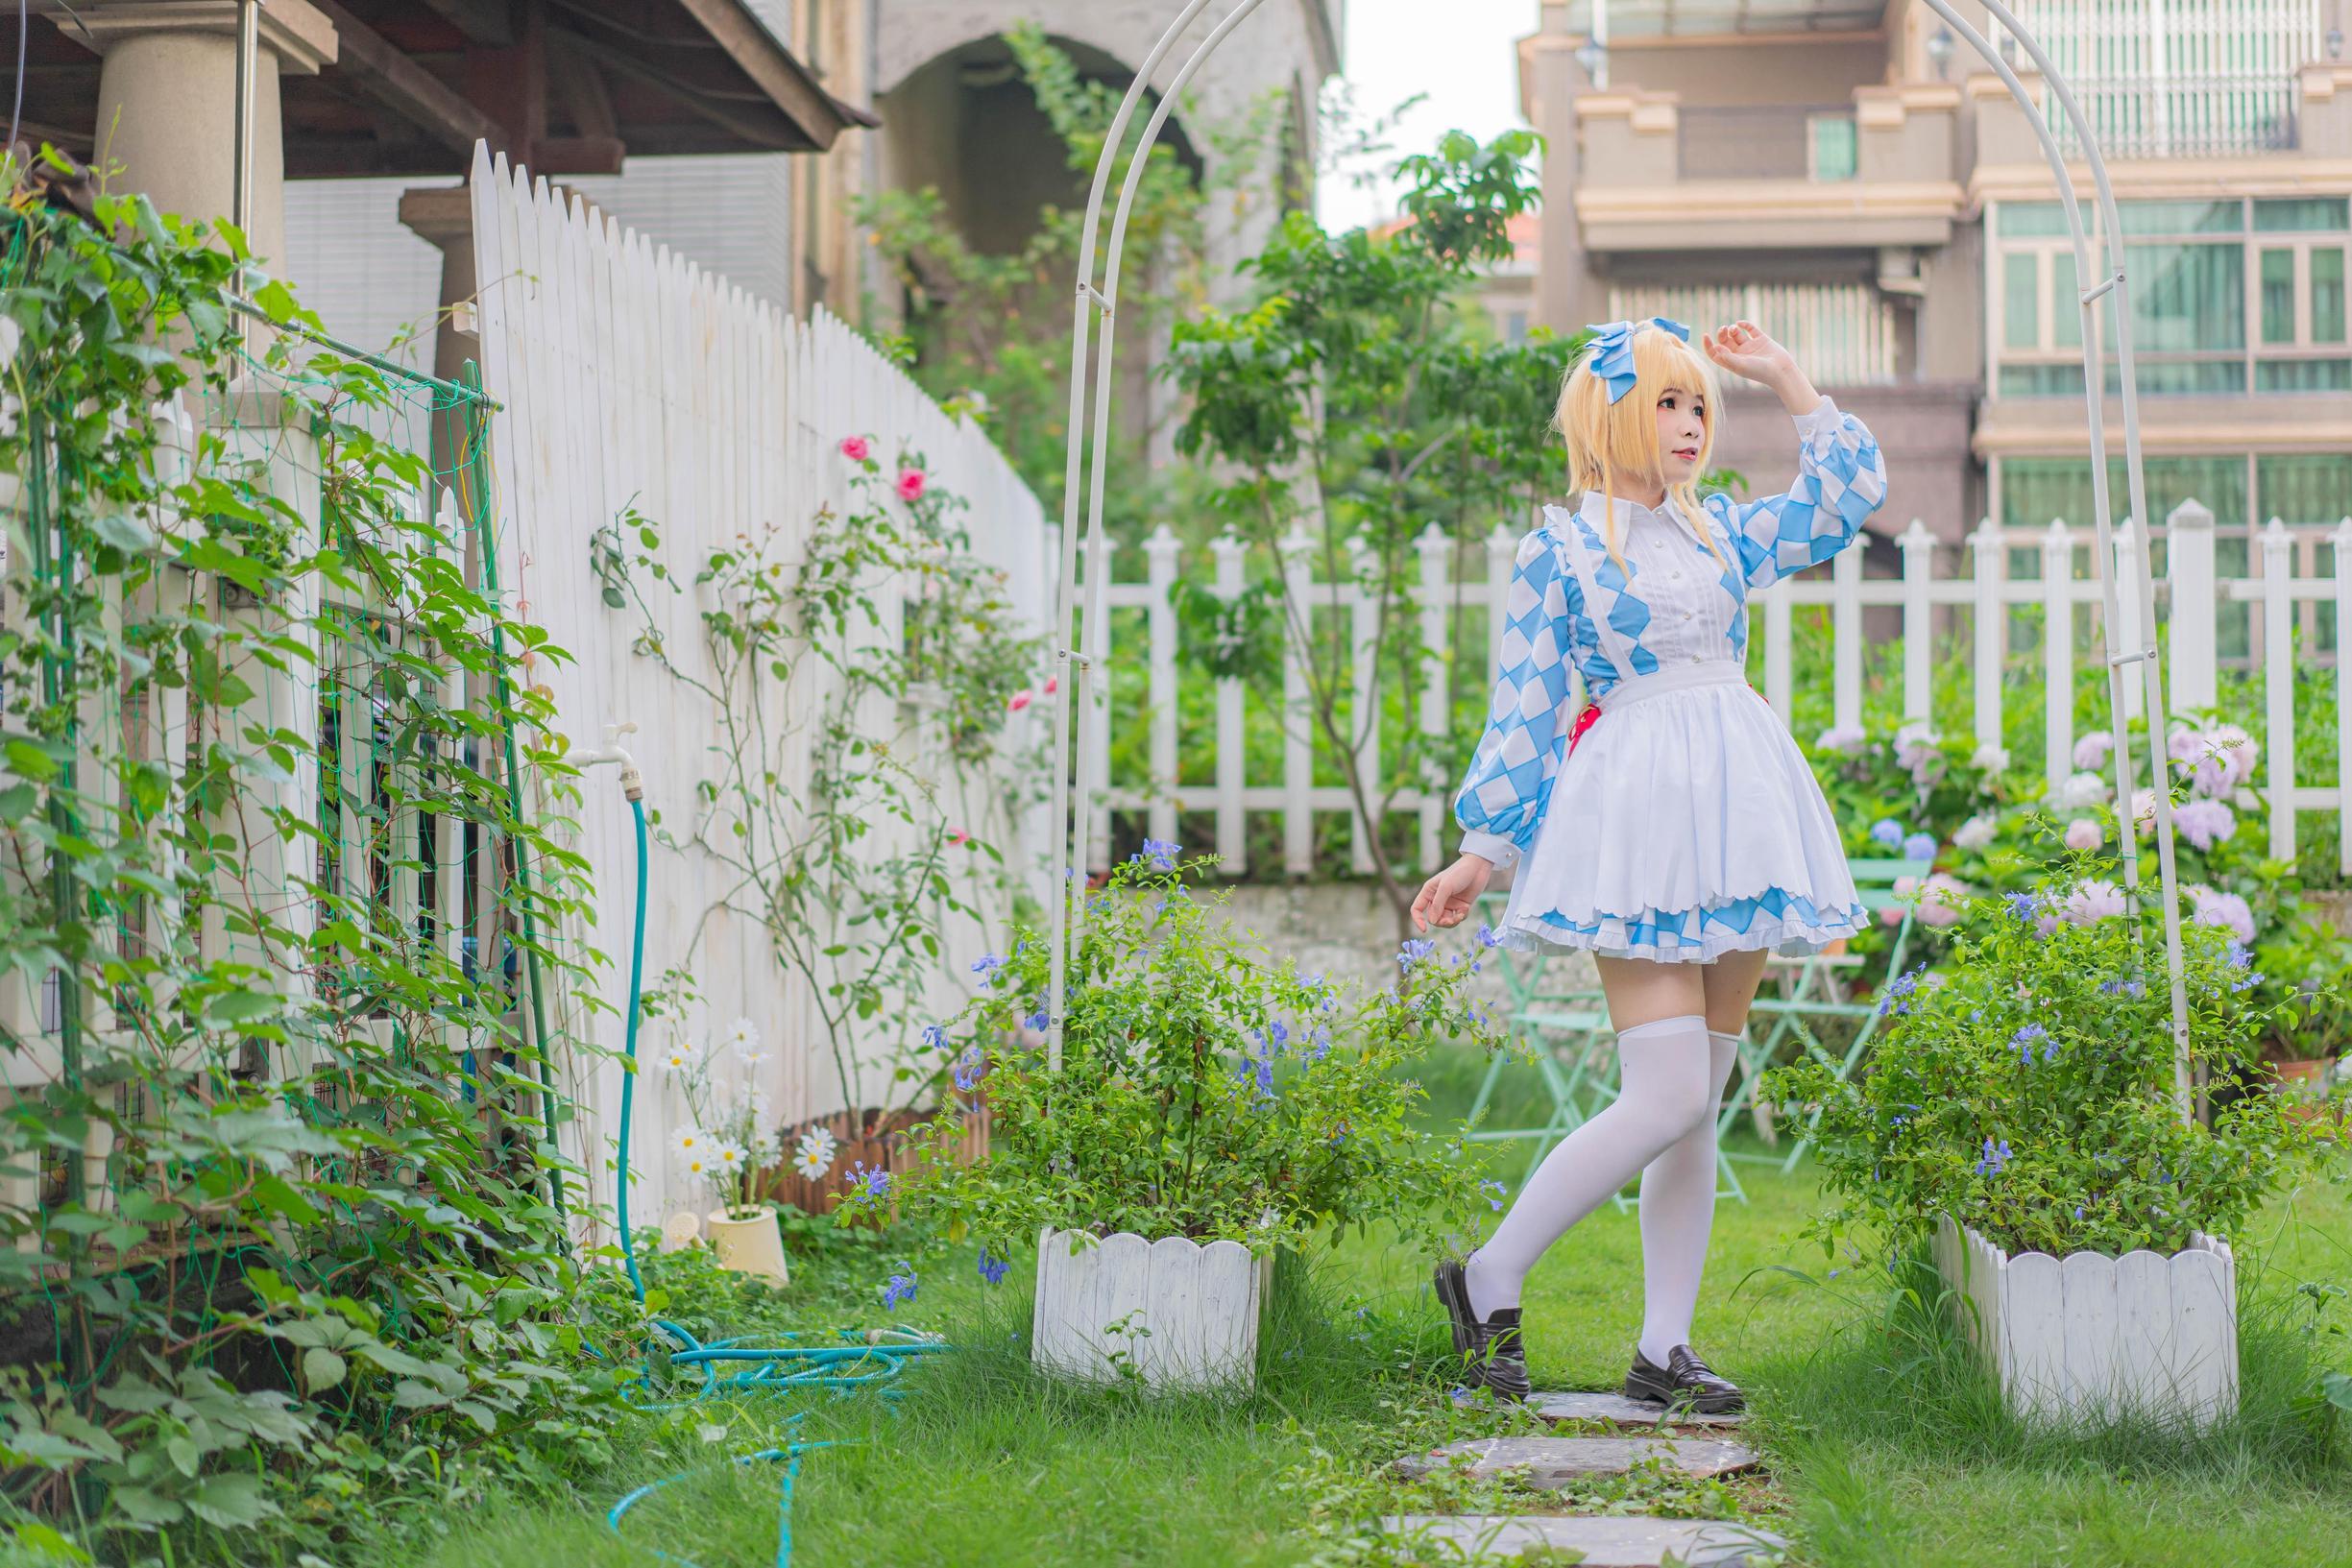 《魔卡少女樱》爱丽丝cosplay【CN:海鲜君】 -孩子cosplaypng图片插图